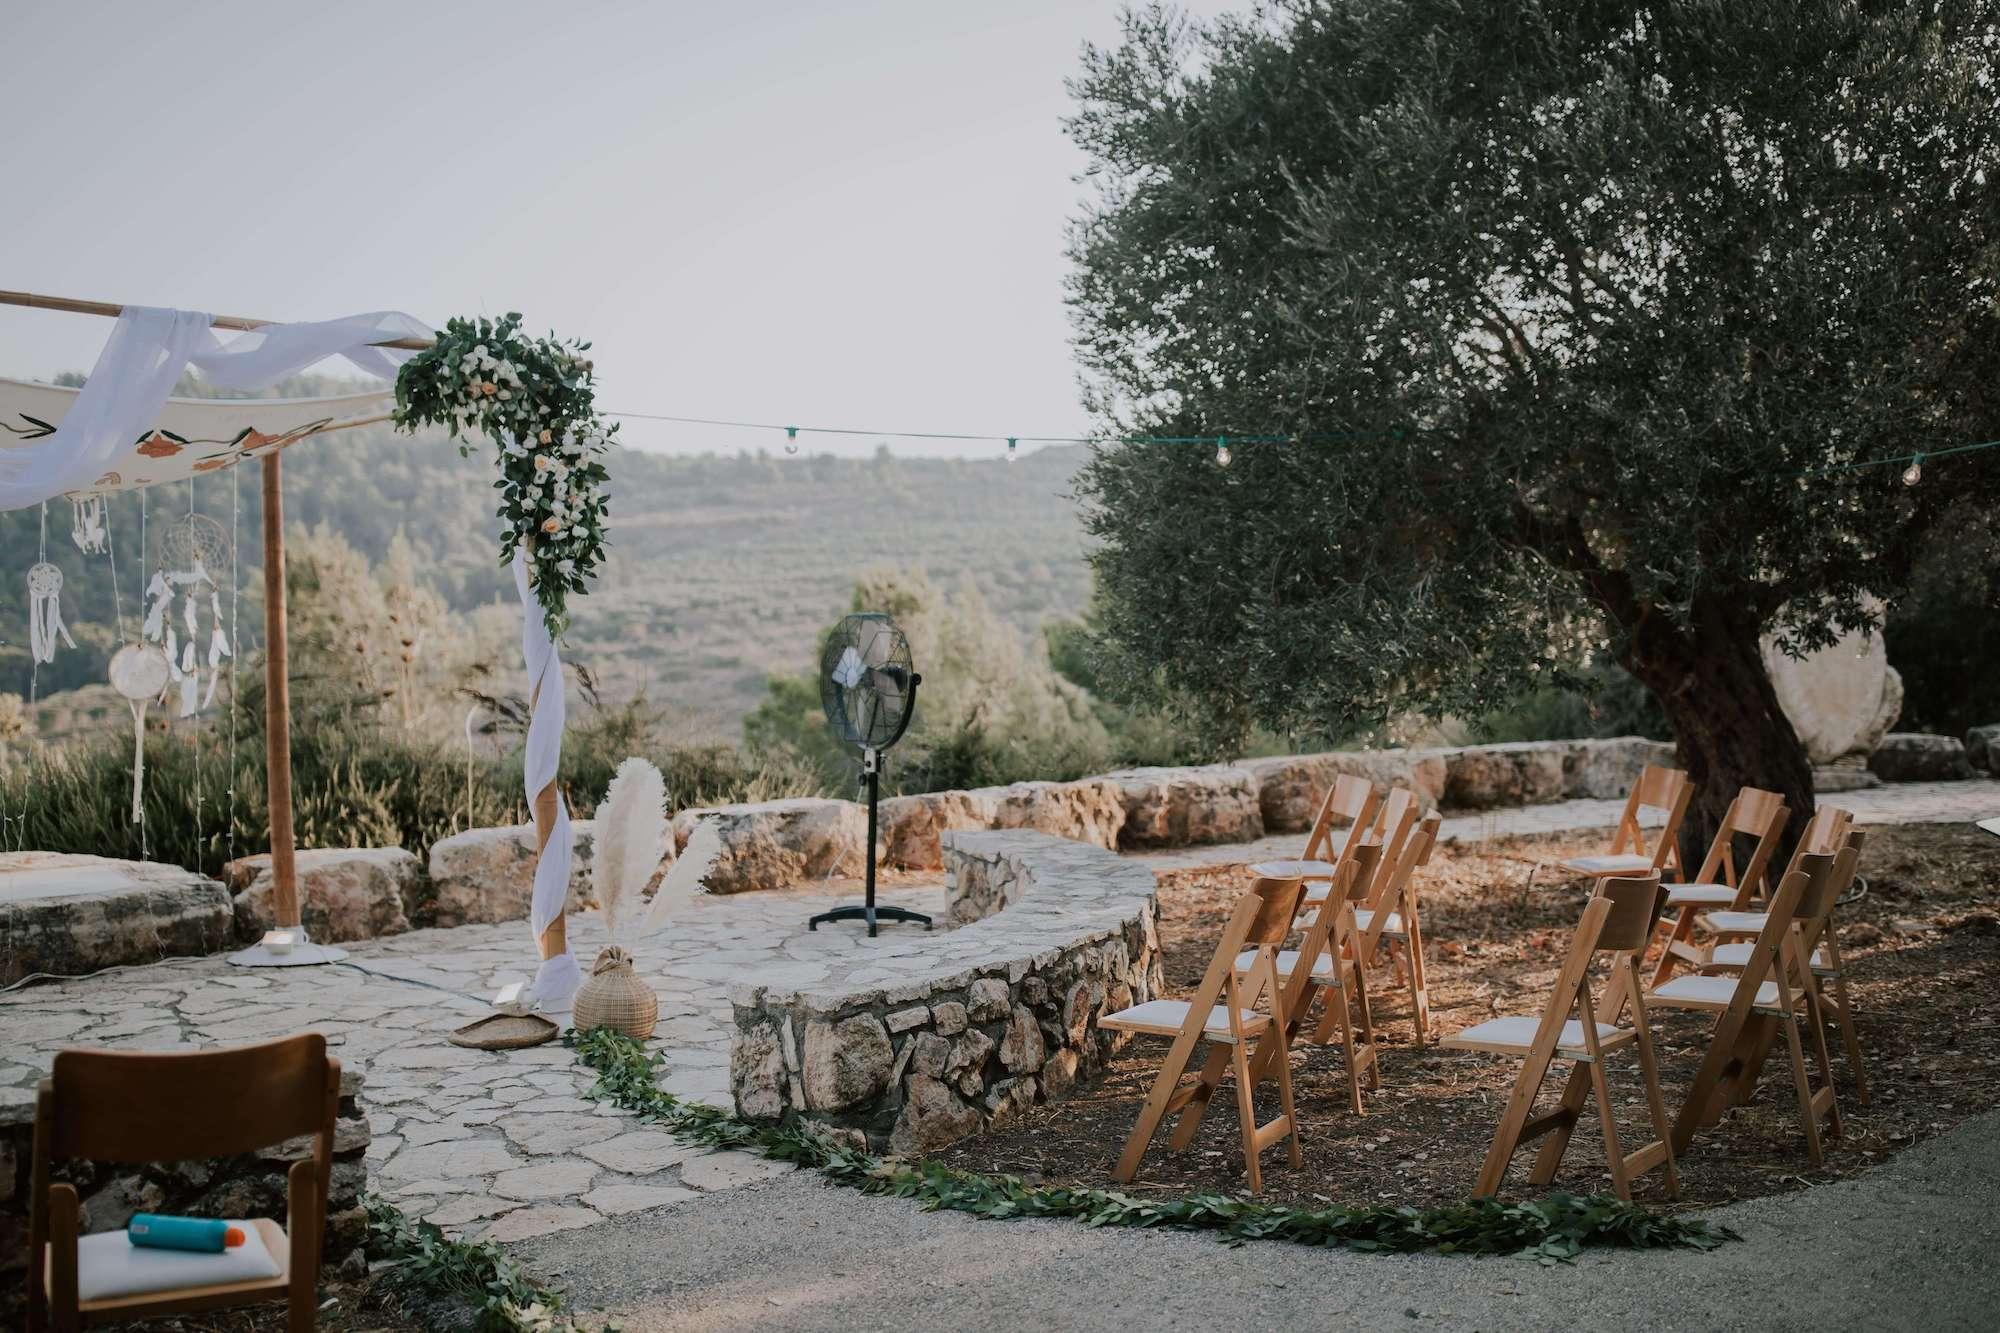 חתונת מושב אינטימית: אופיר וערן